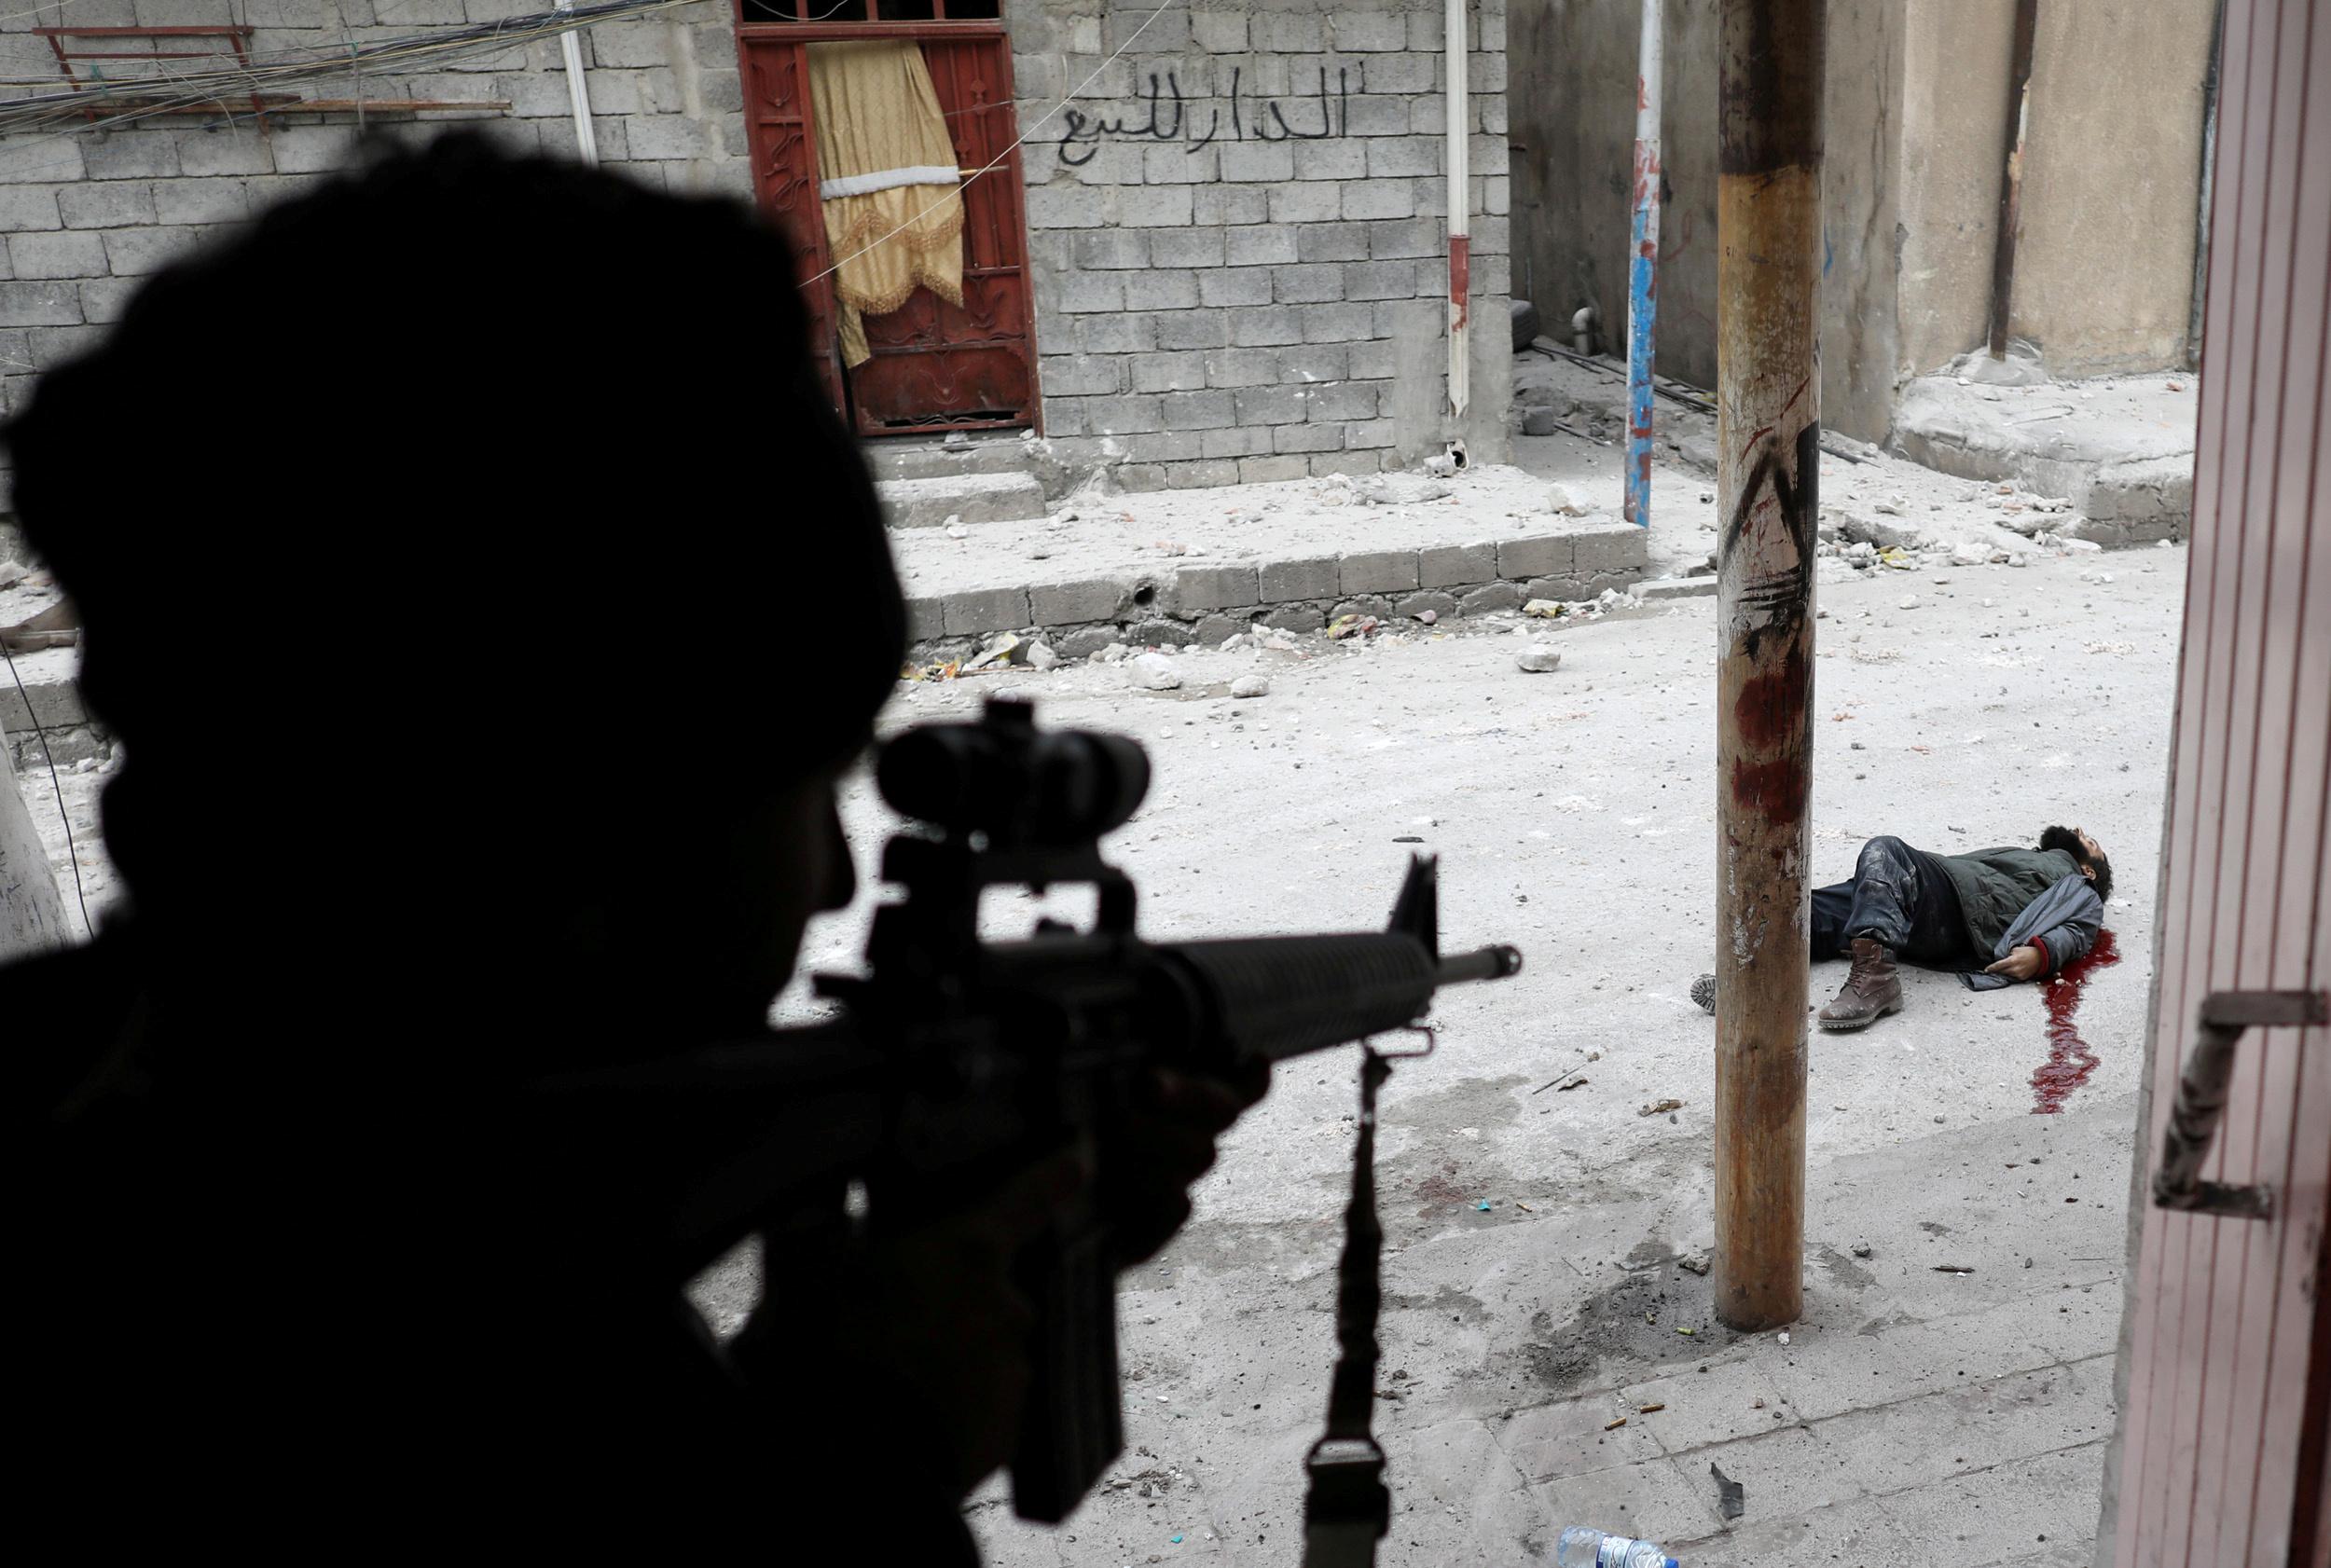 Un soldado de las fuerzas especiales iraquíes dispara a un terrorista suicida del Estado Islámico, en Mosul, Irak, el 3 de marzo de 2017 (REUTERS/Goran Tomasevic)